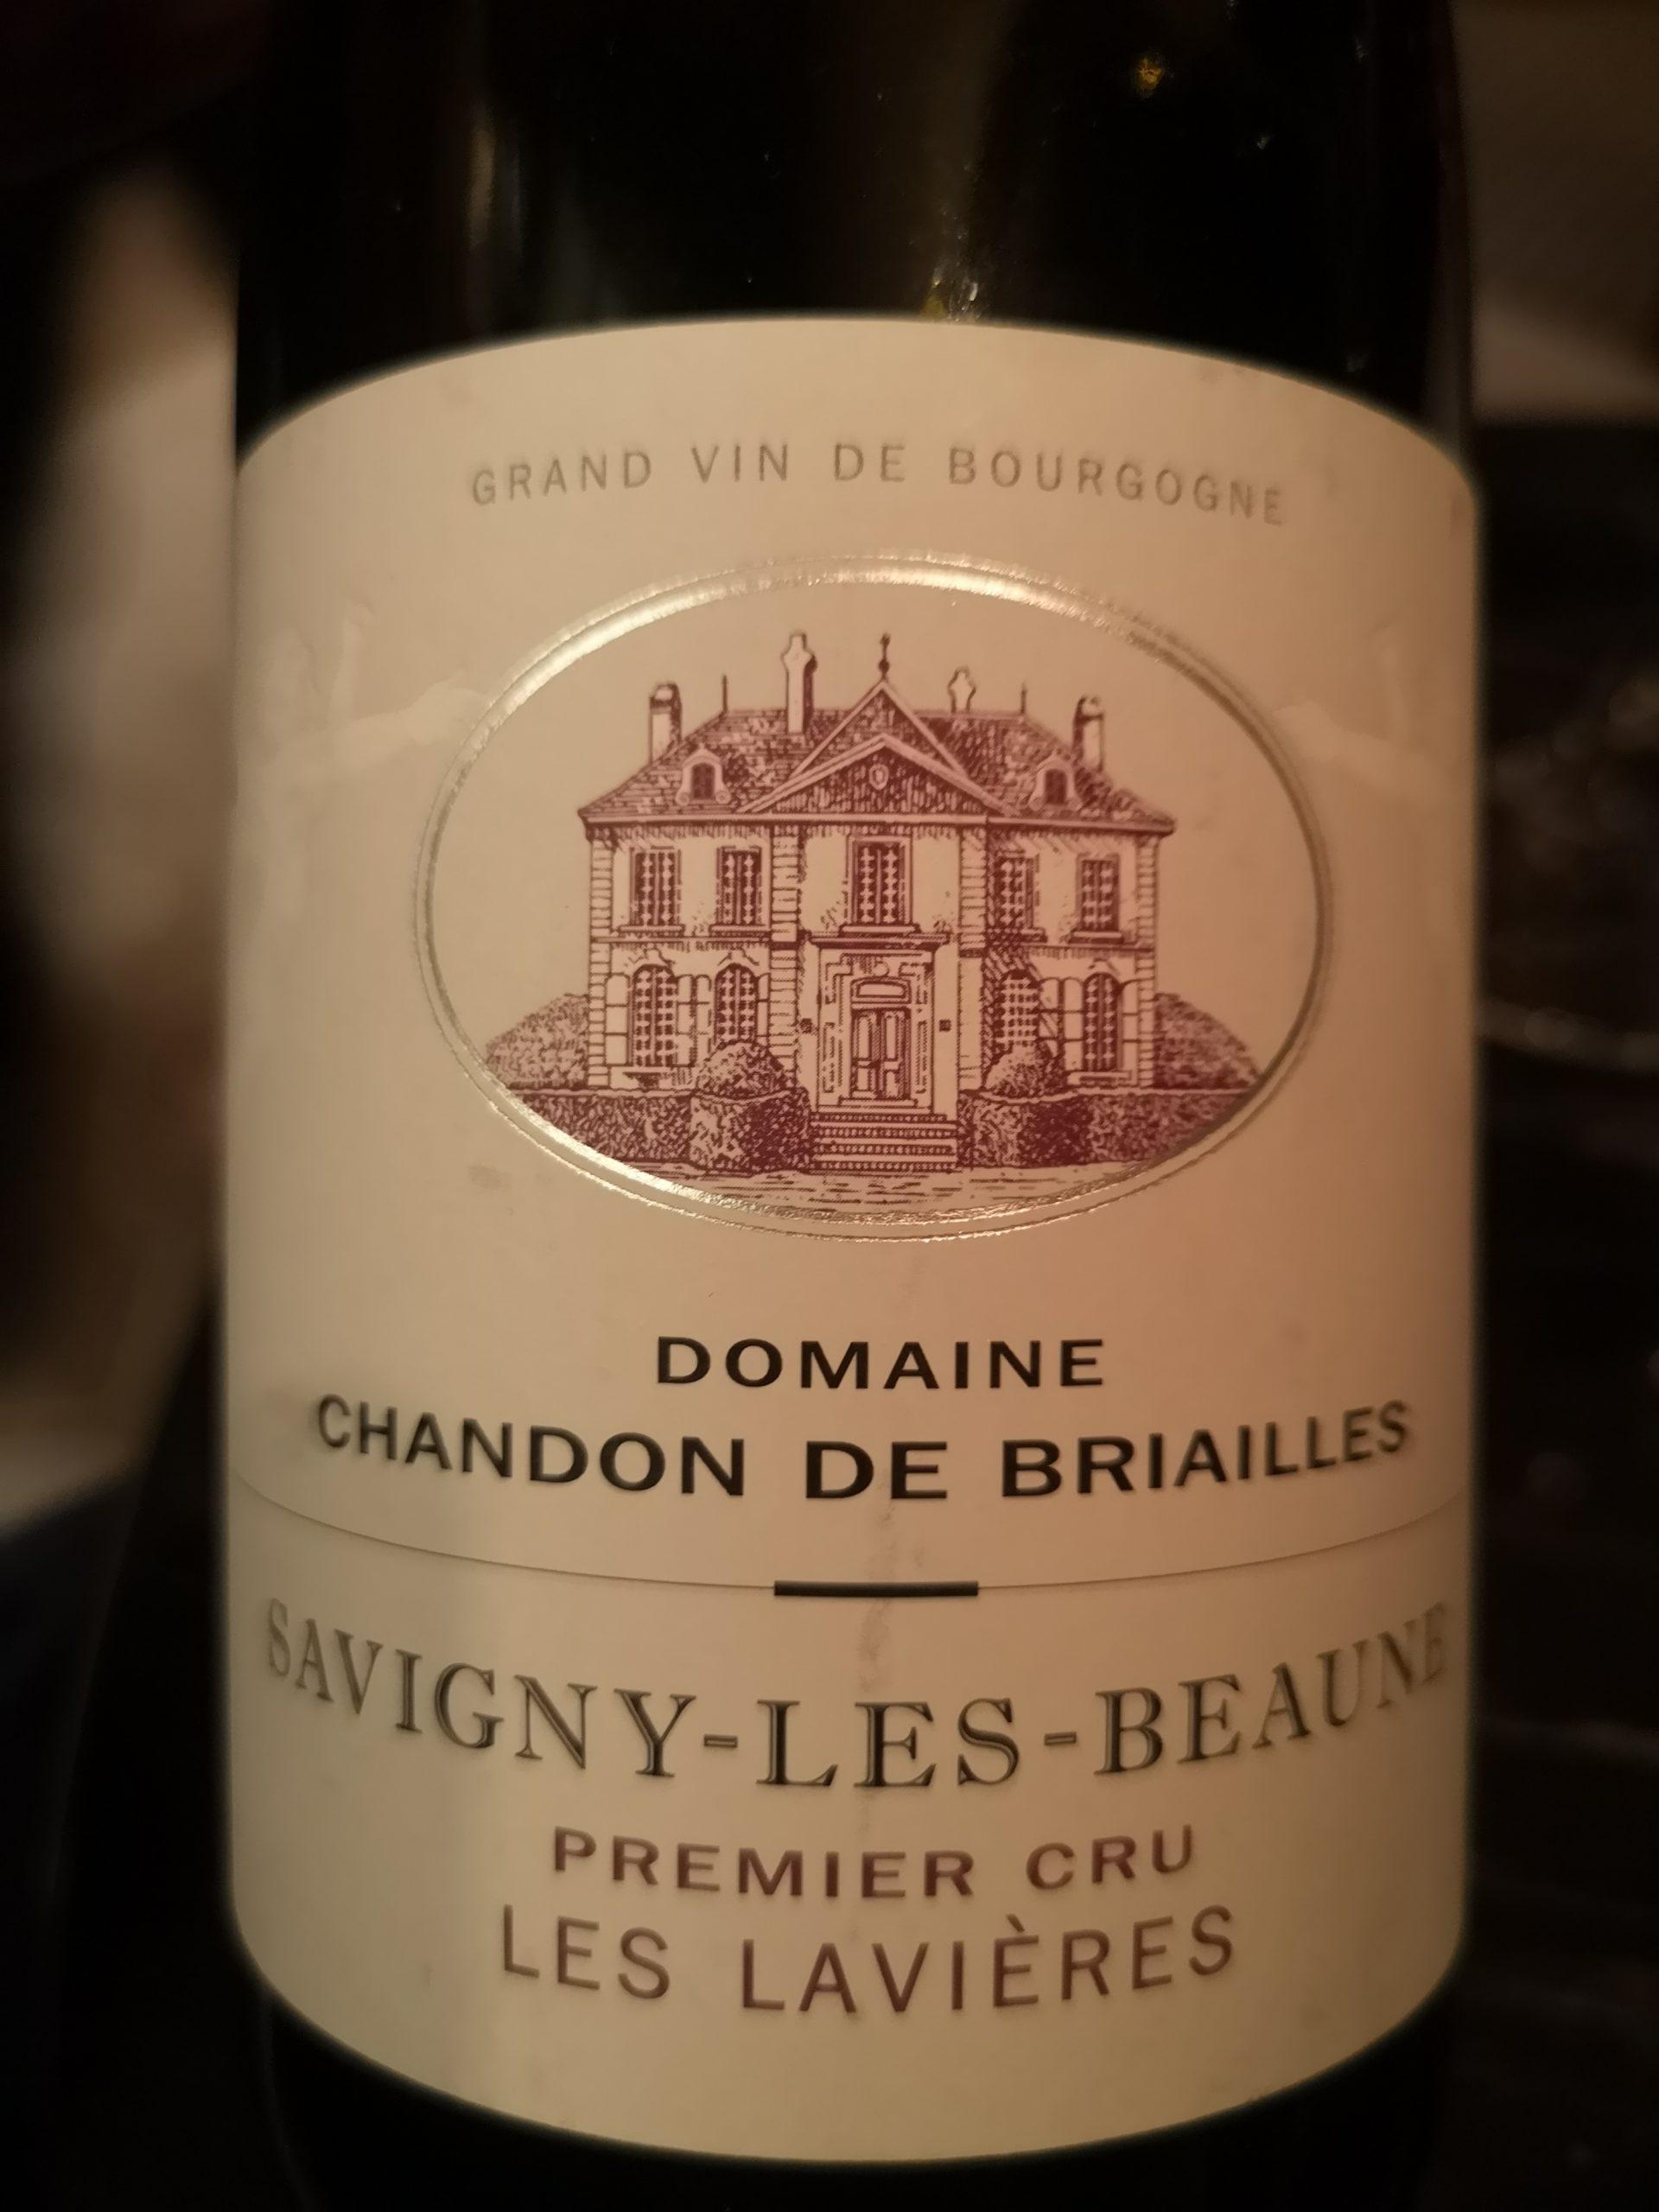 2015 Chardonnay Savigny-Les-Beaunes Premier Cru | Domaine Chandon de Briailles